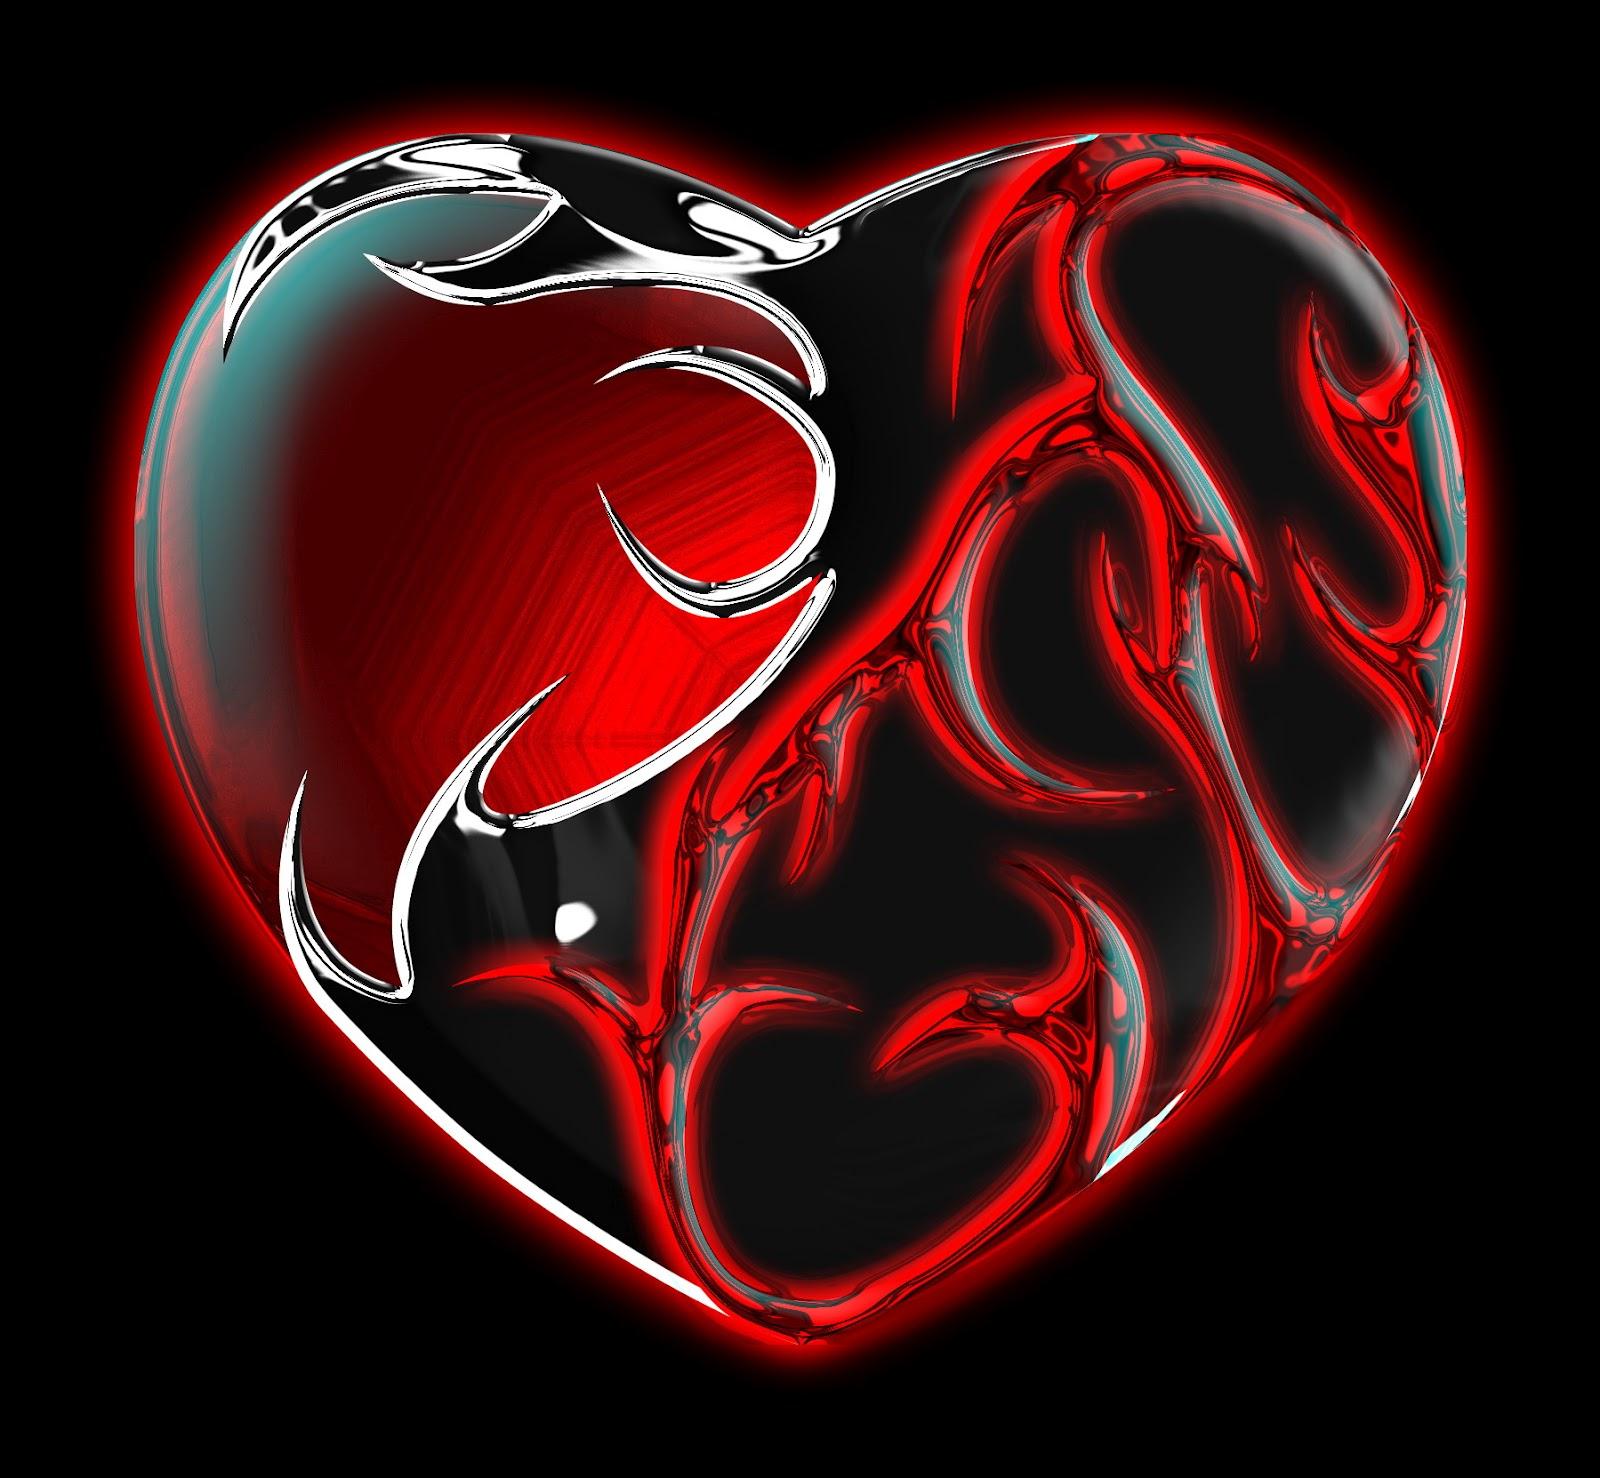 http://3.bp.blogspot.com/-G6trOIwyFno/UDcMhrSpmSI/AAAAAAAABOk/pOmlpFBXuT8/s1600/Tribals%20Heart%20HD%20Wallpaper.jpg